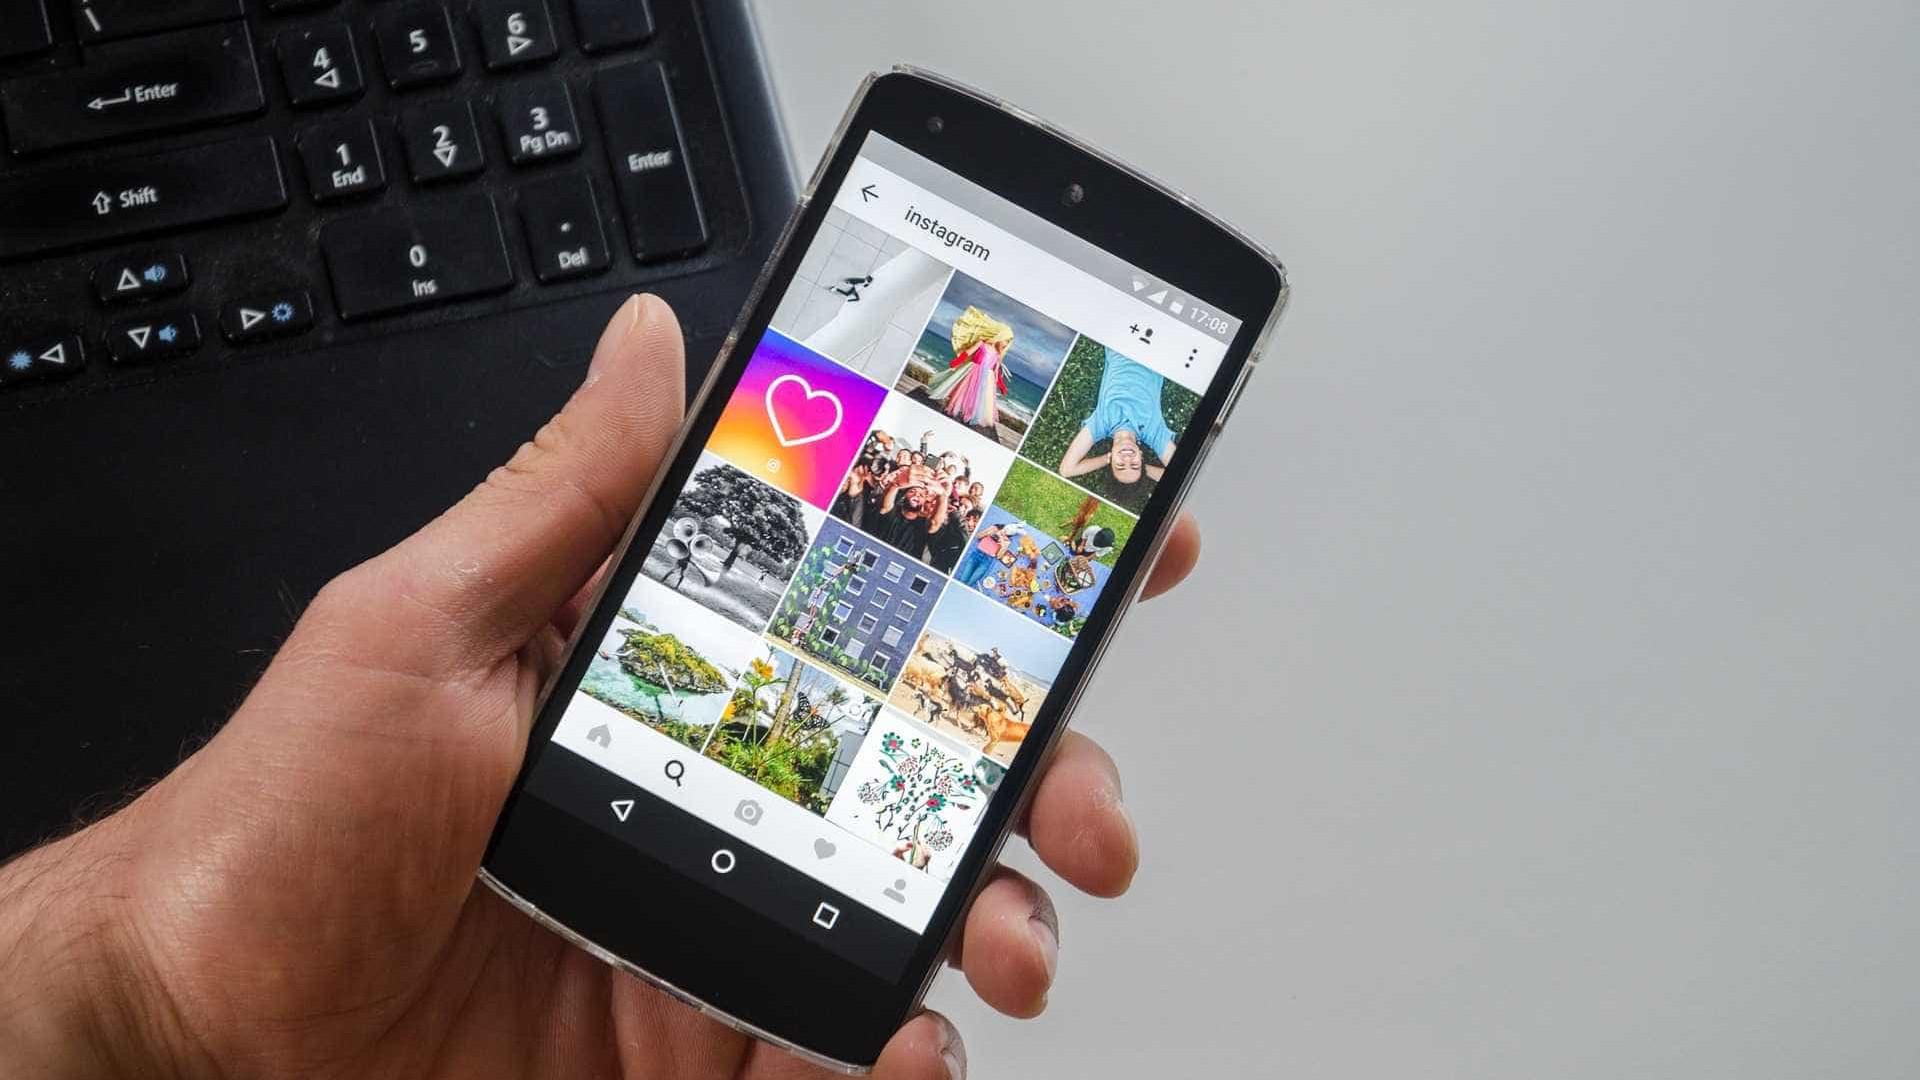 Atendendo a pedidos, Instagram volta a priorizar posts mais recentes